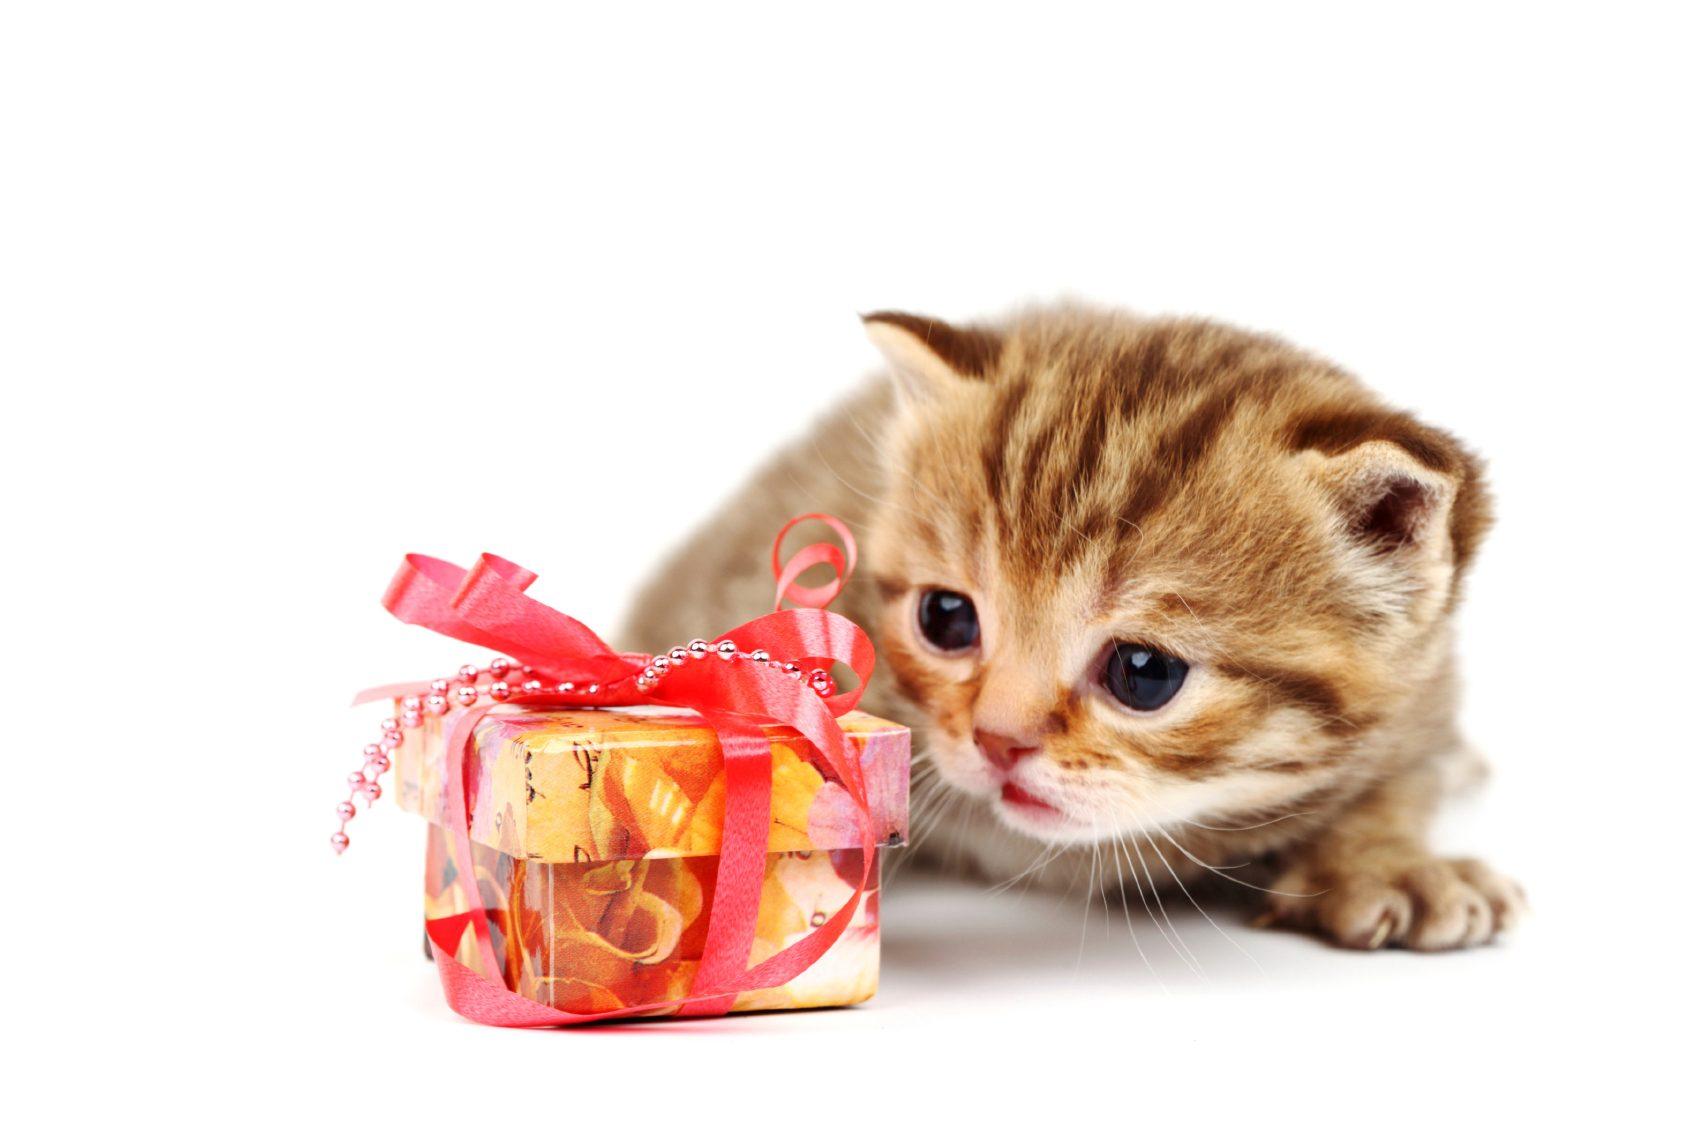 7. Les chats ont besoin d'être récompensés